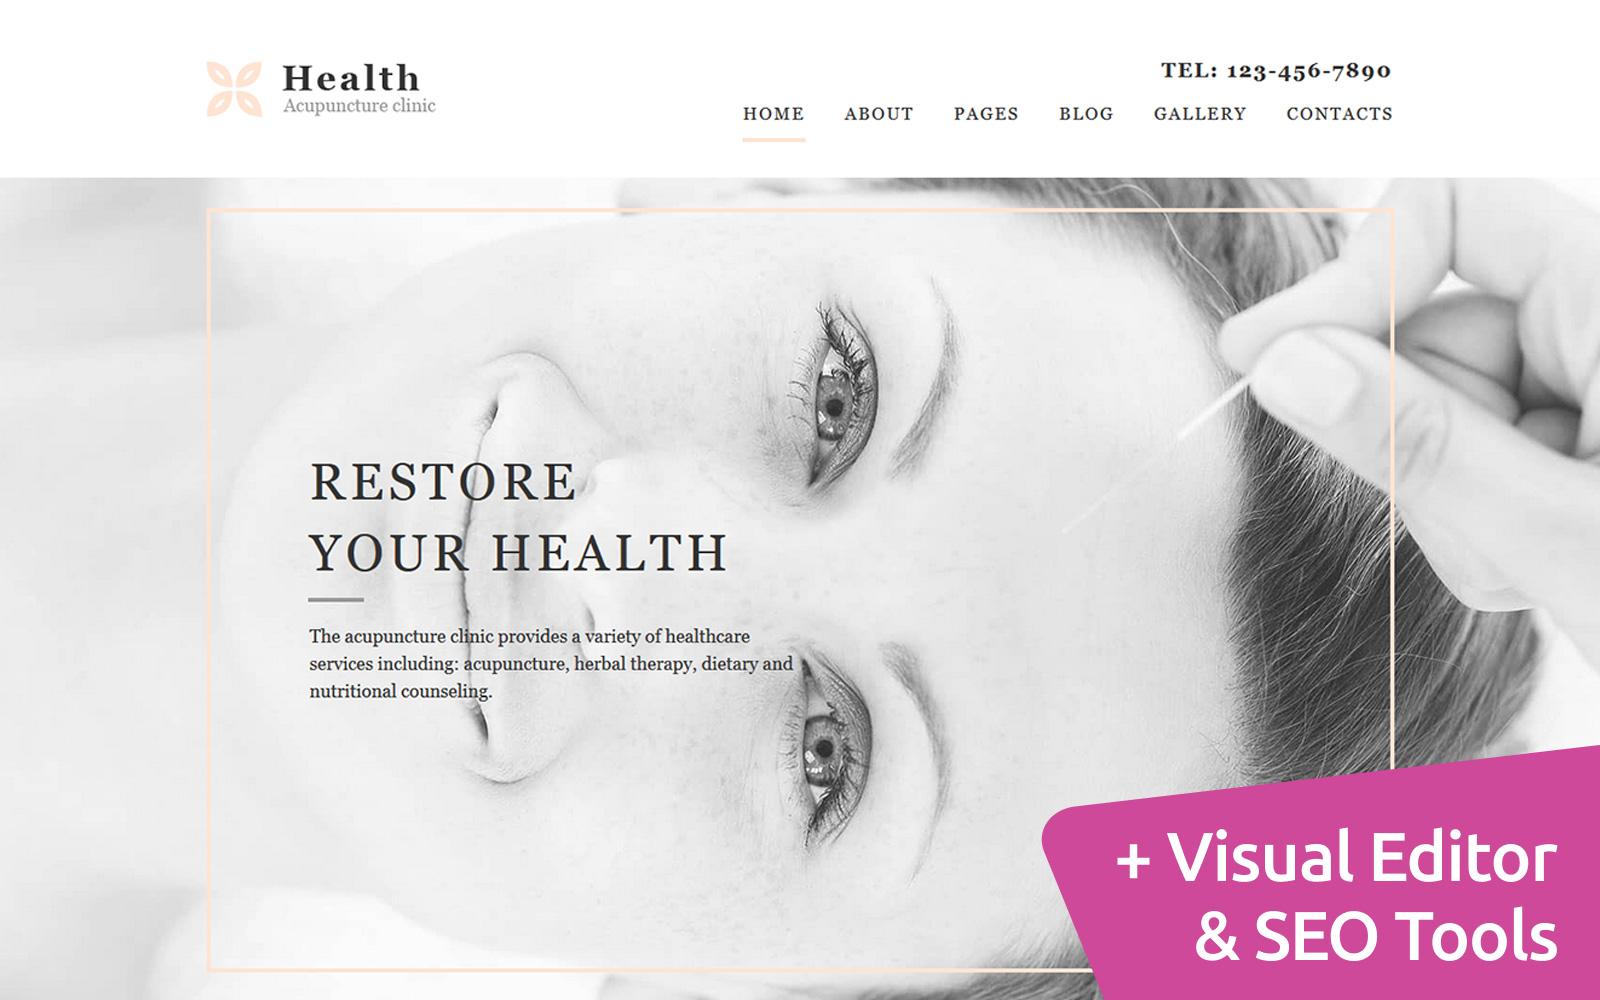 """""""Health - Acupuncture Clinic"""" modèle Moto CMS 3 adaptatif #117728"""